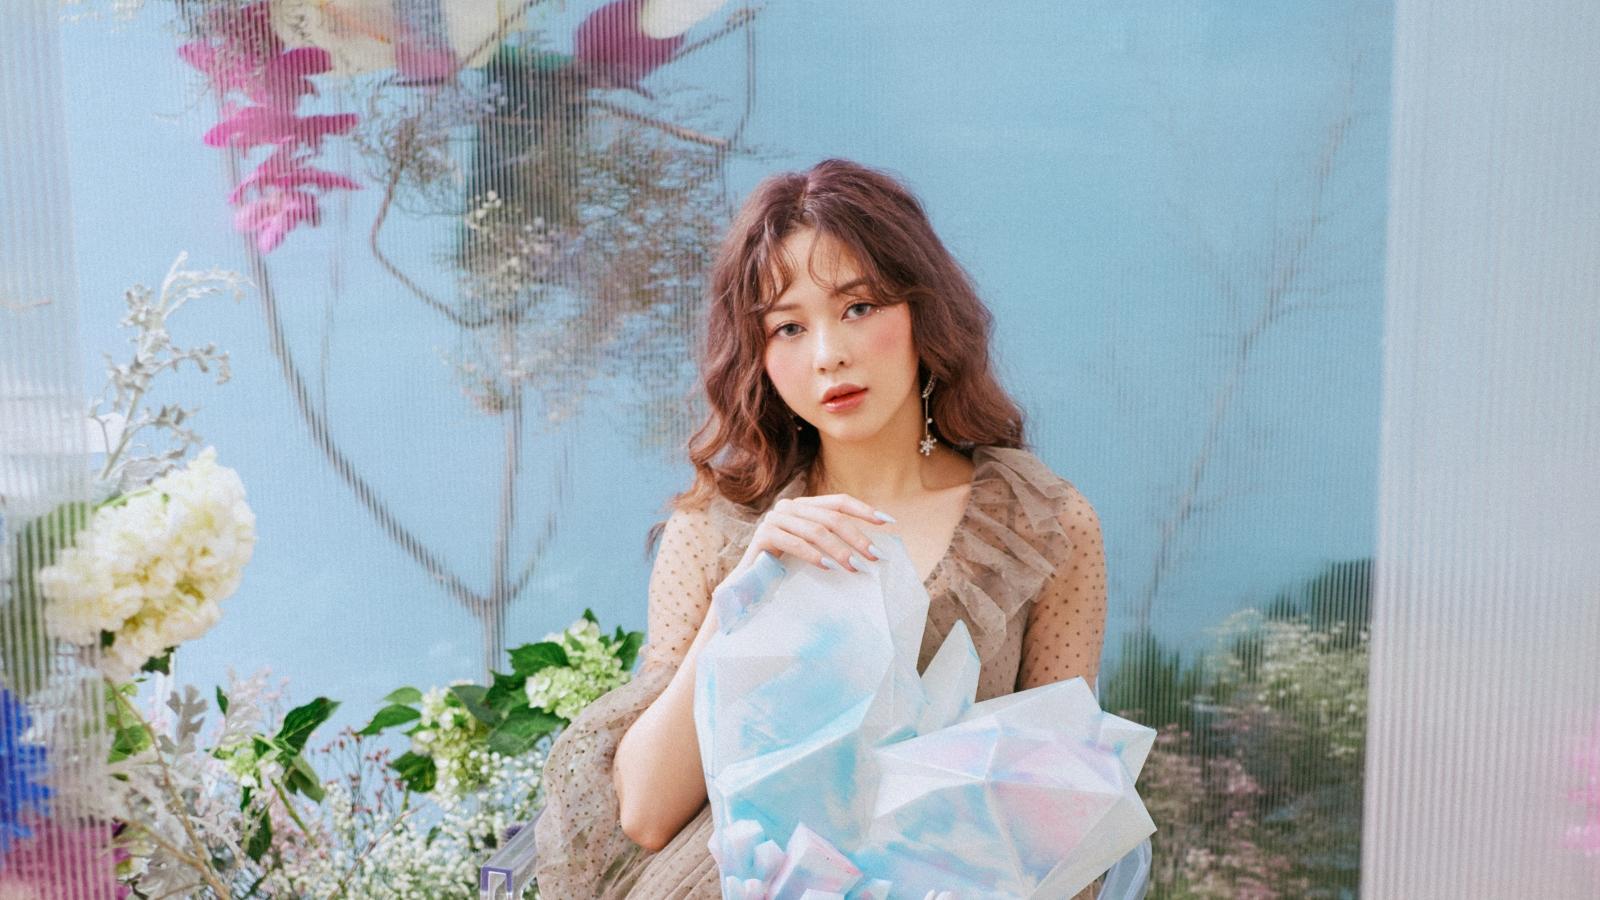 Sau chia tay, Liz Kim Cương tung ca khúc thứ 3 kết hợp Trịnh Thăng Bình